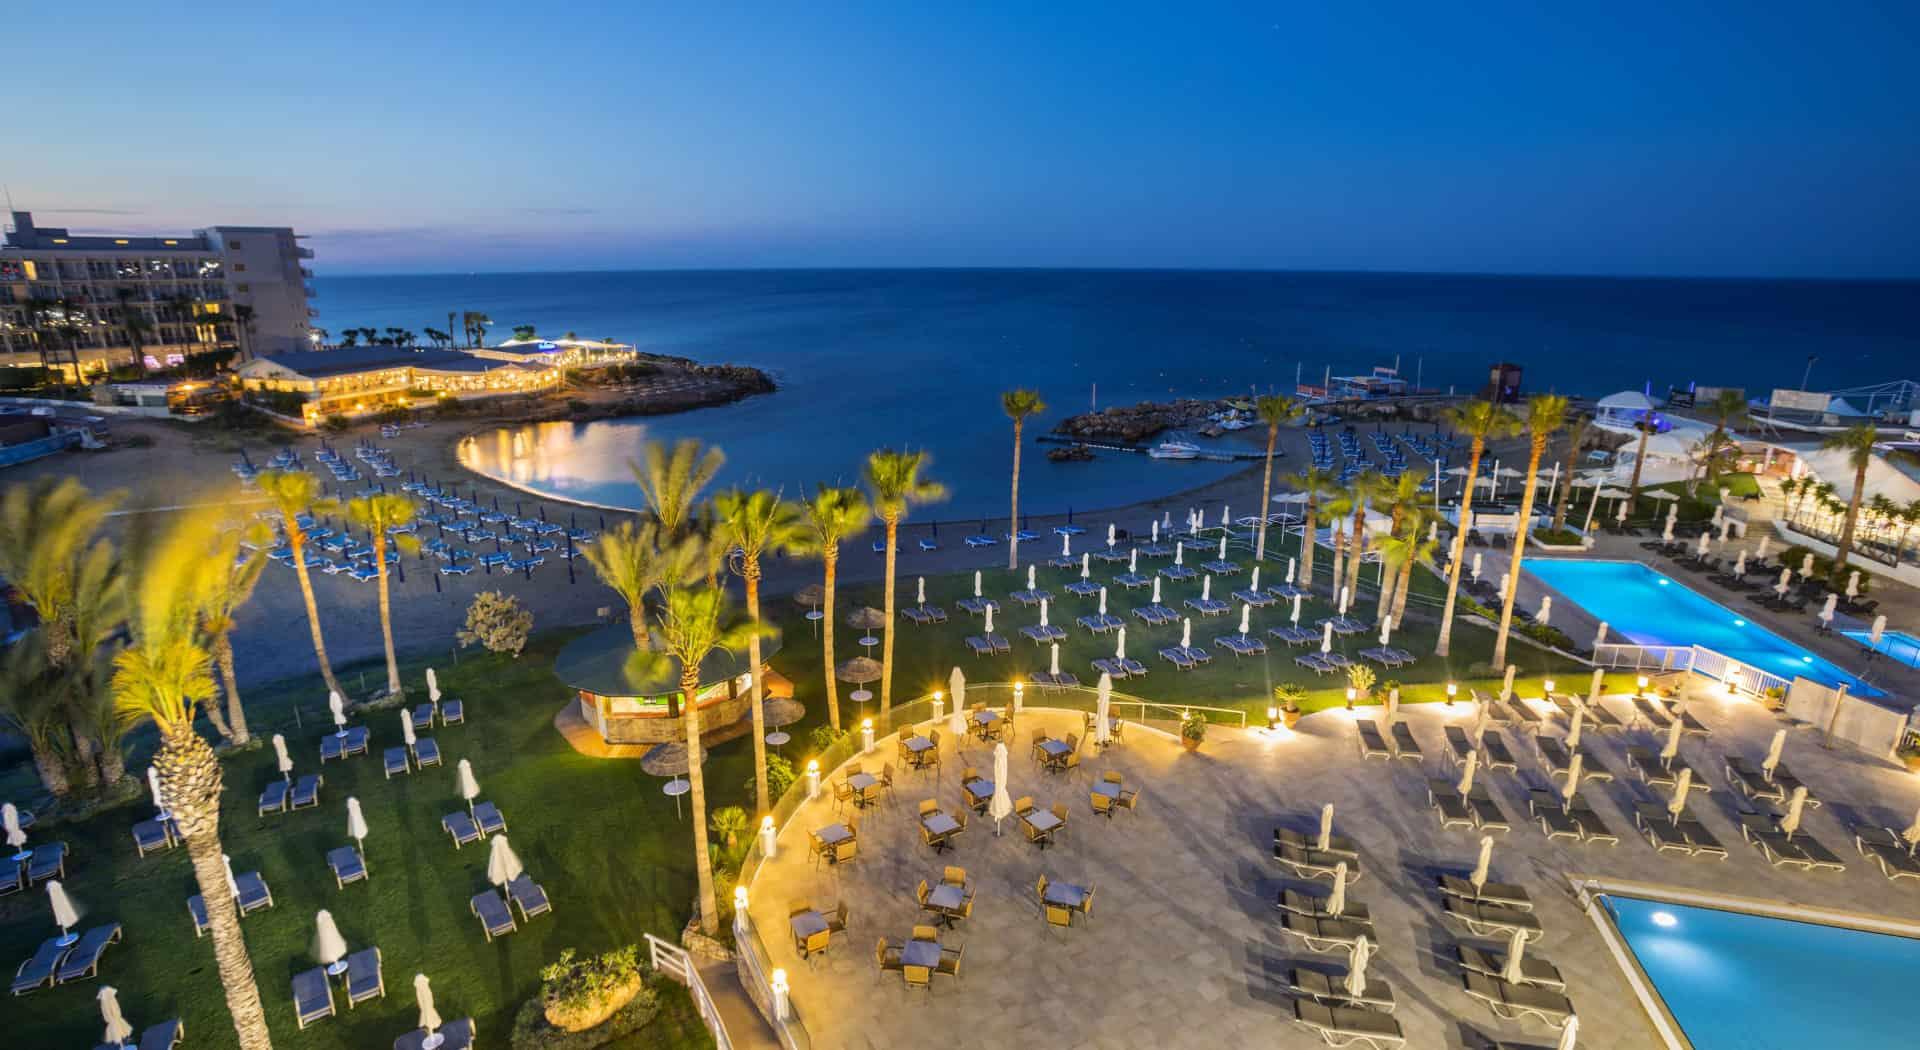 Το κυπριακό ξενοδοχείο στον Πρωταρά που βραβεύτηκε ως το καλύτερο στον Κόσμο!